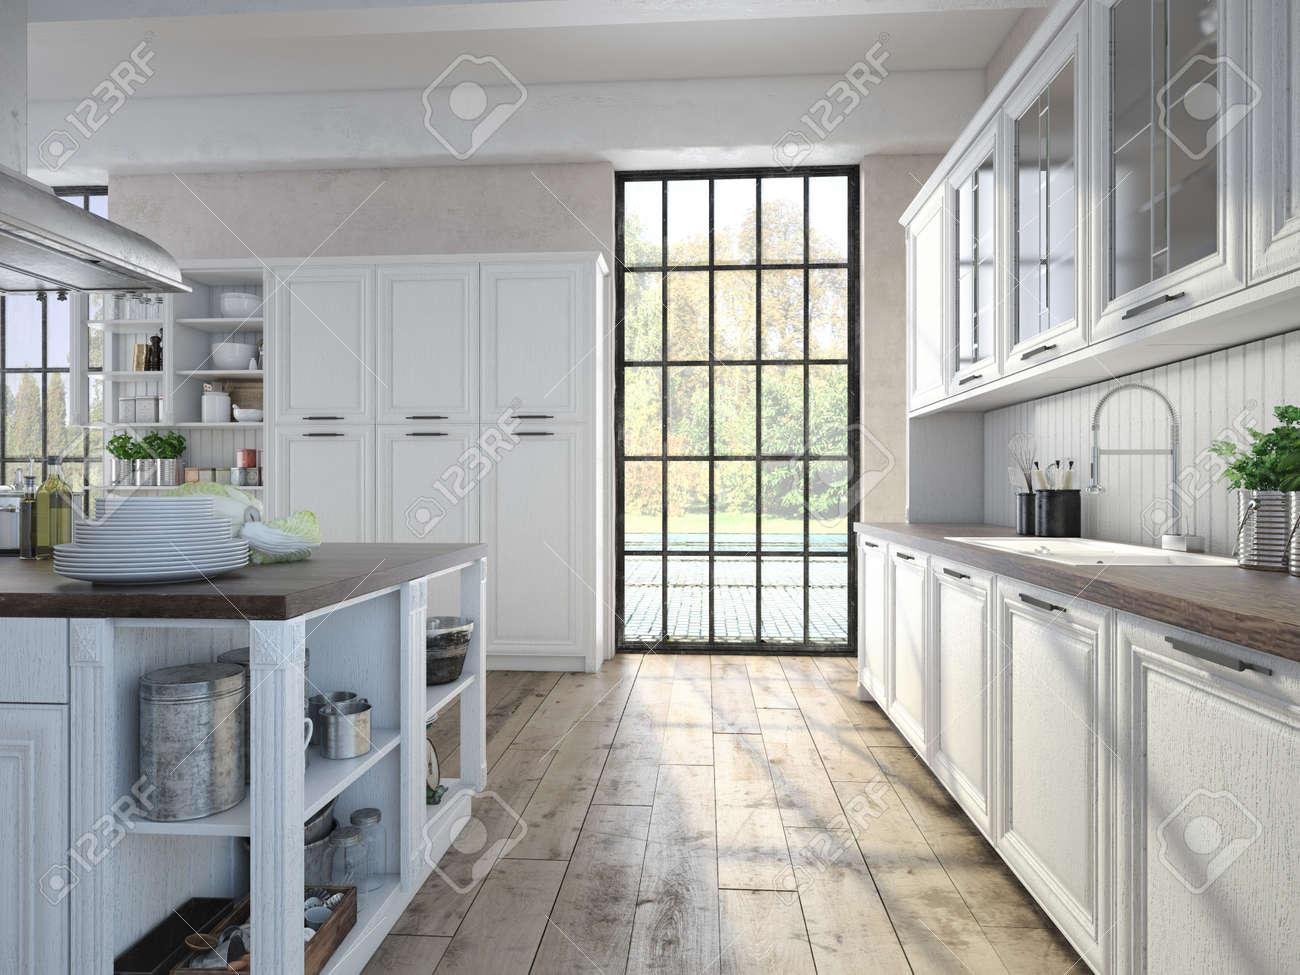 Atractivo Fotos De Cocina Con Electrodomésticos De Acero Inoxidable ...